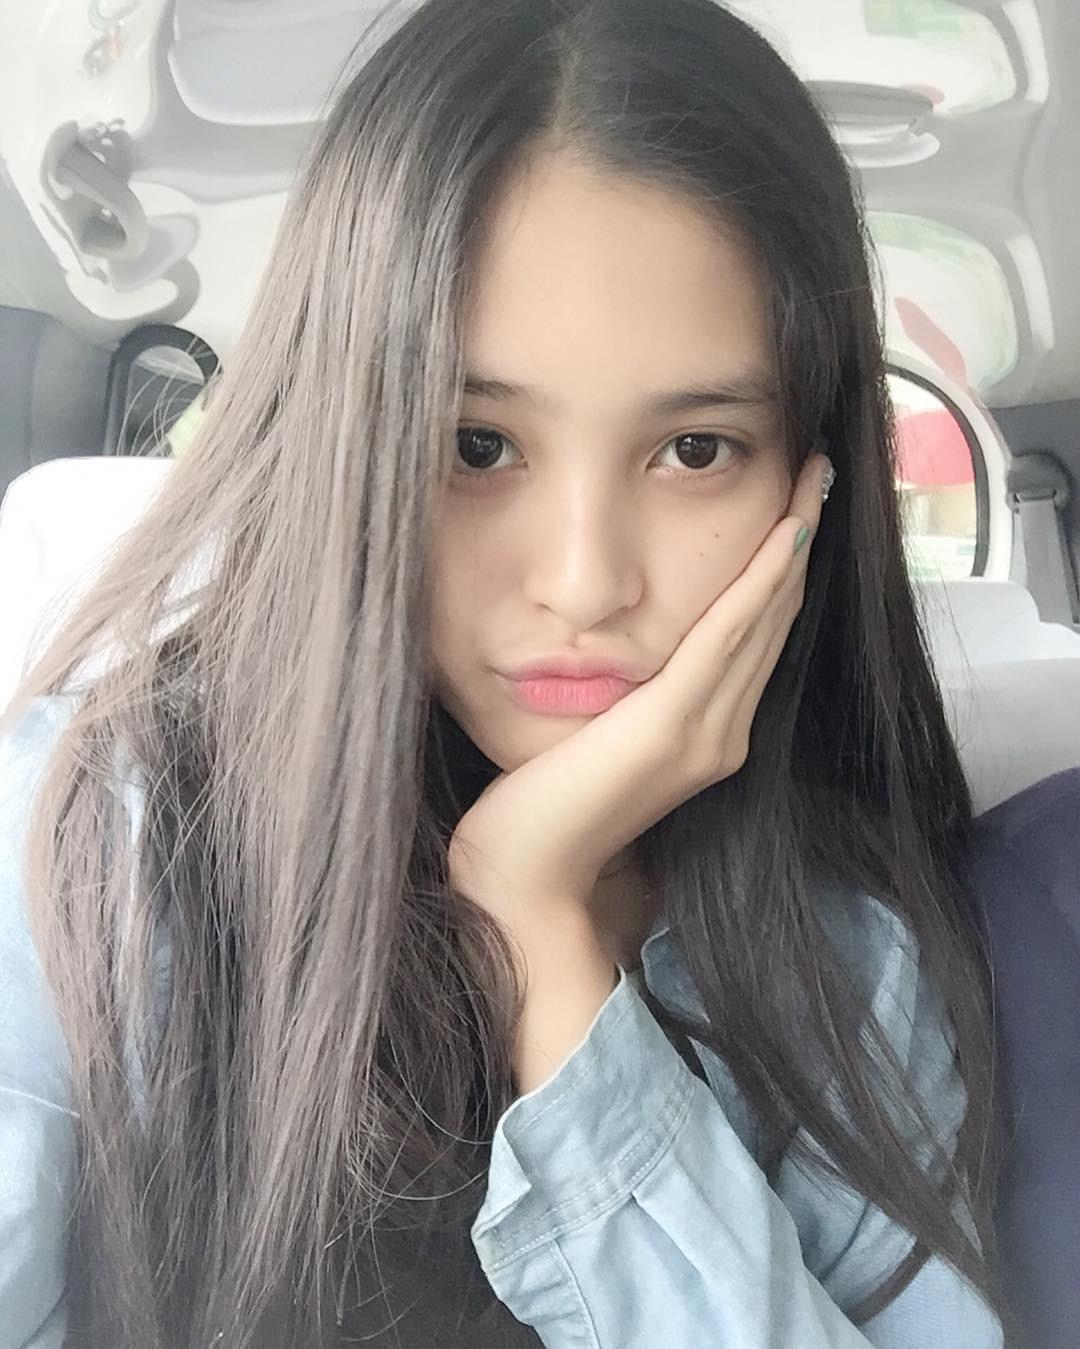 Trần Tiểu Vy hoa hậu Việt Nam 2018 sở hữu vẻ đẹp đời thường lai Tây - Ảnh 5.